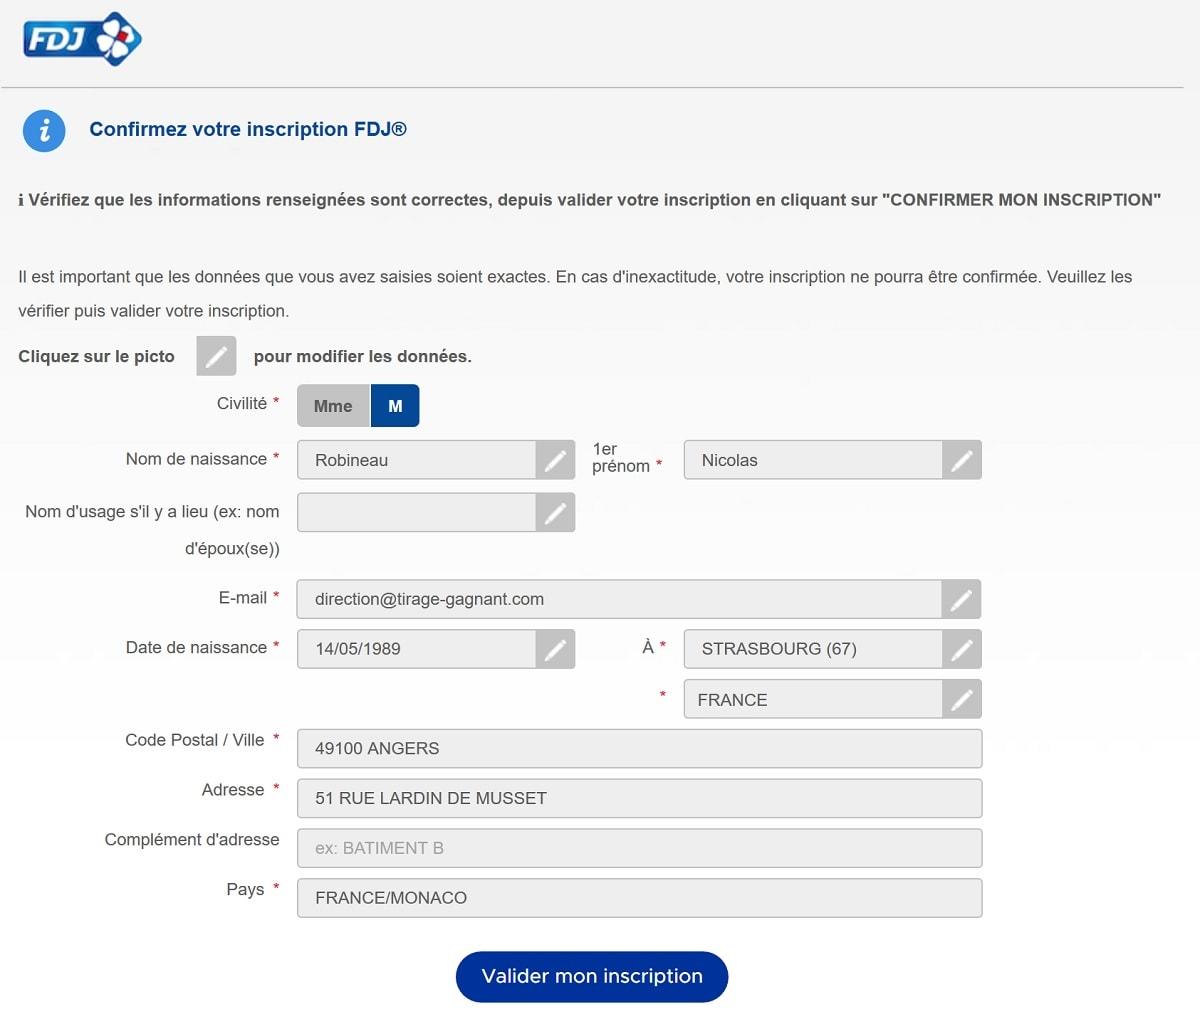 formulaire d'inscription FDJ.fr étape n°5